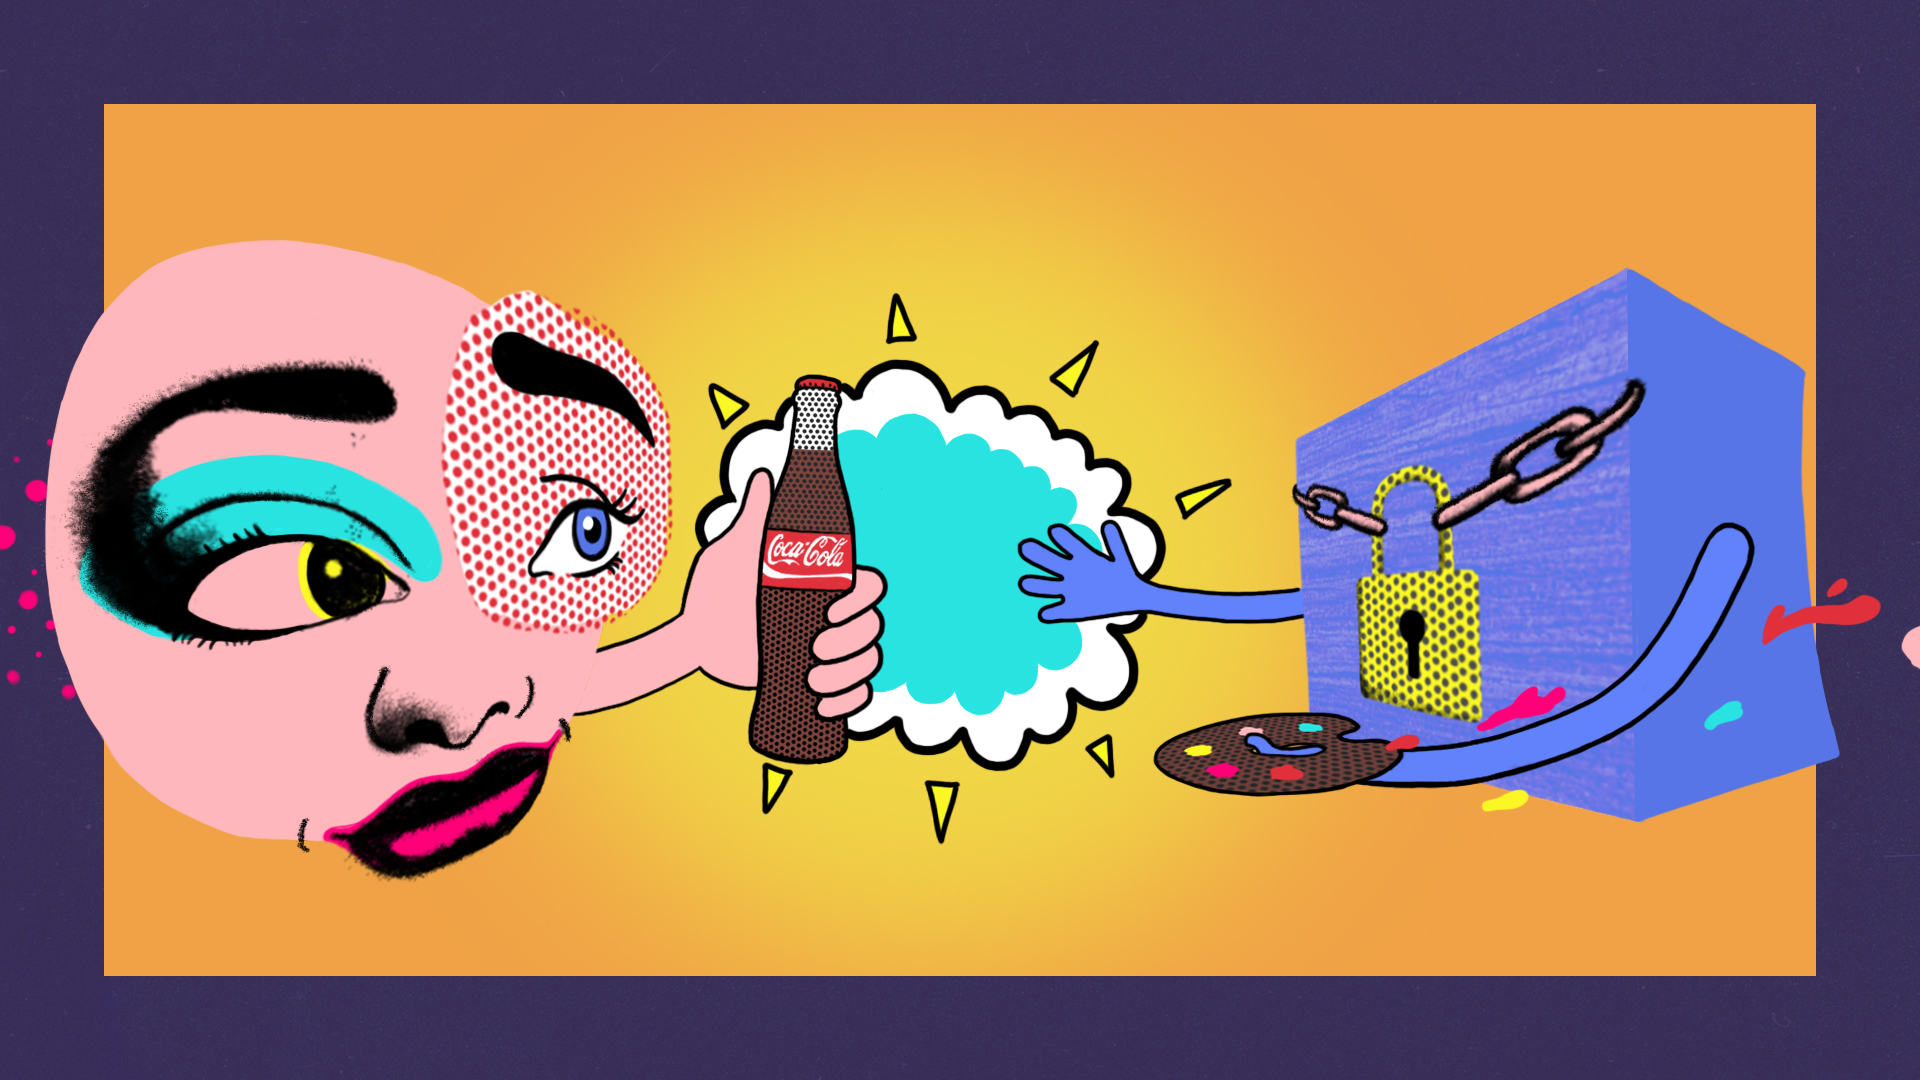 Coca-Cola: Pop Art